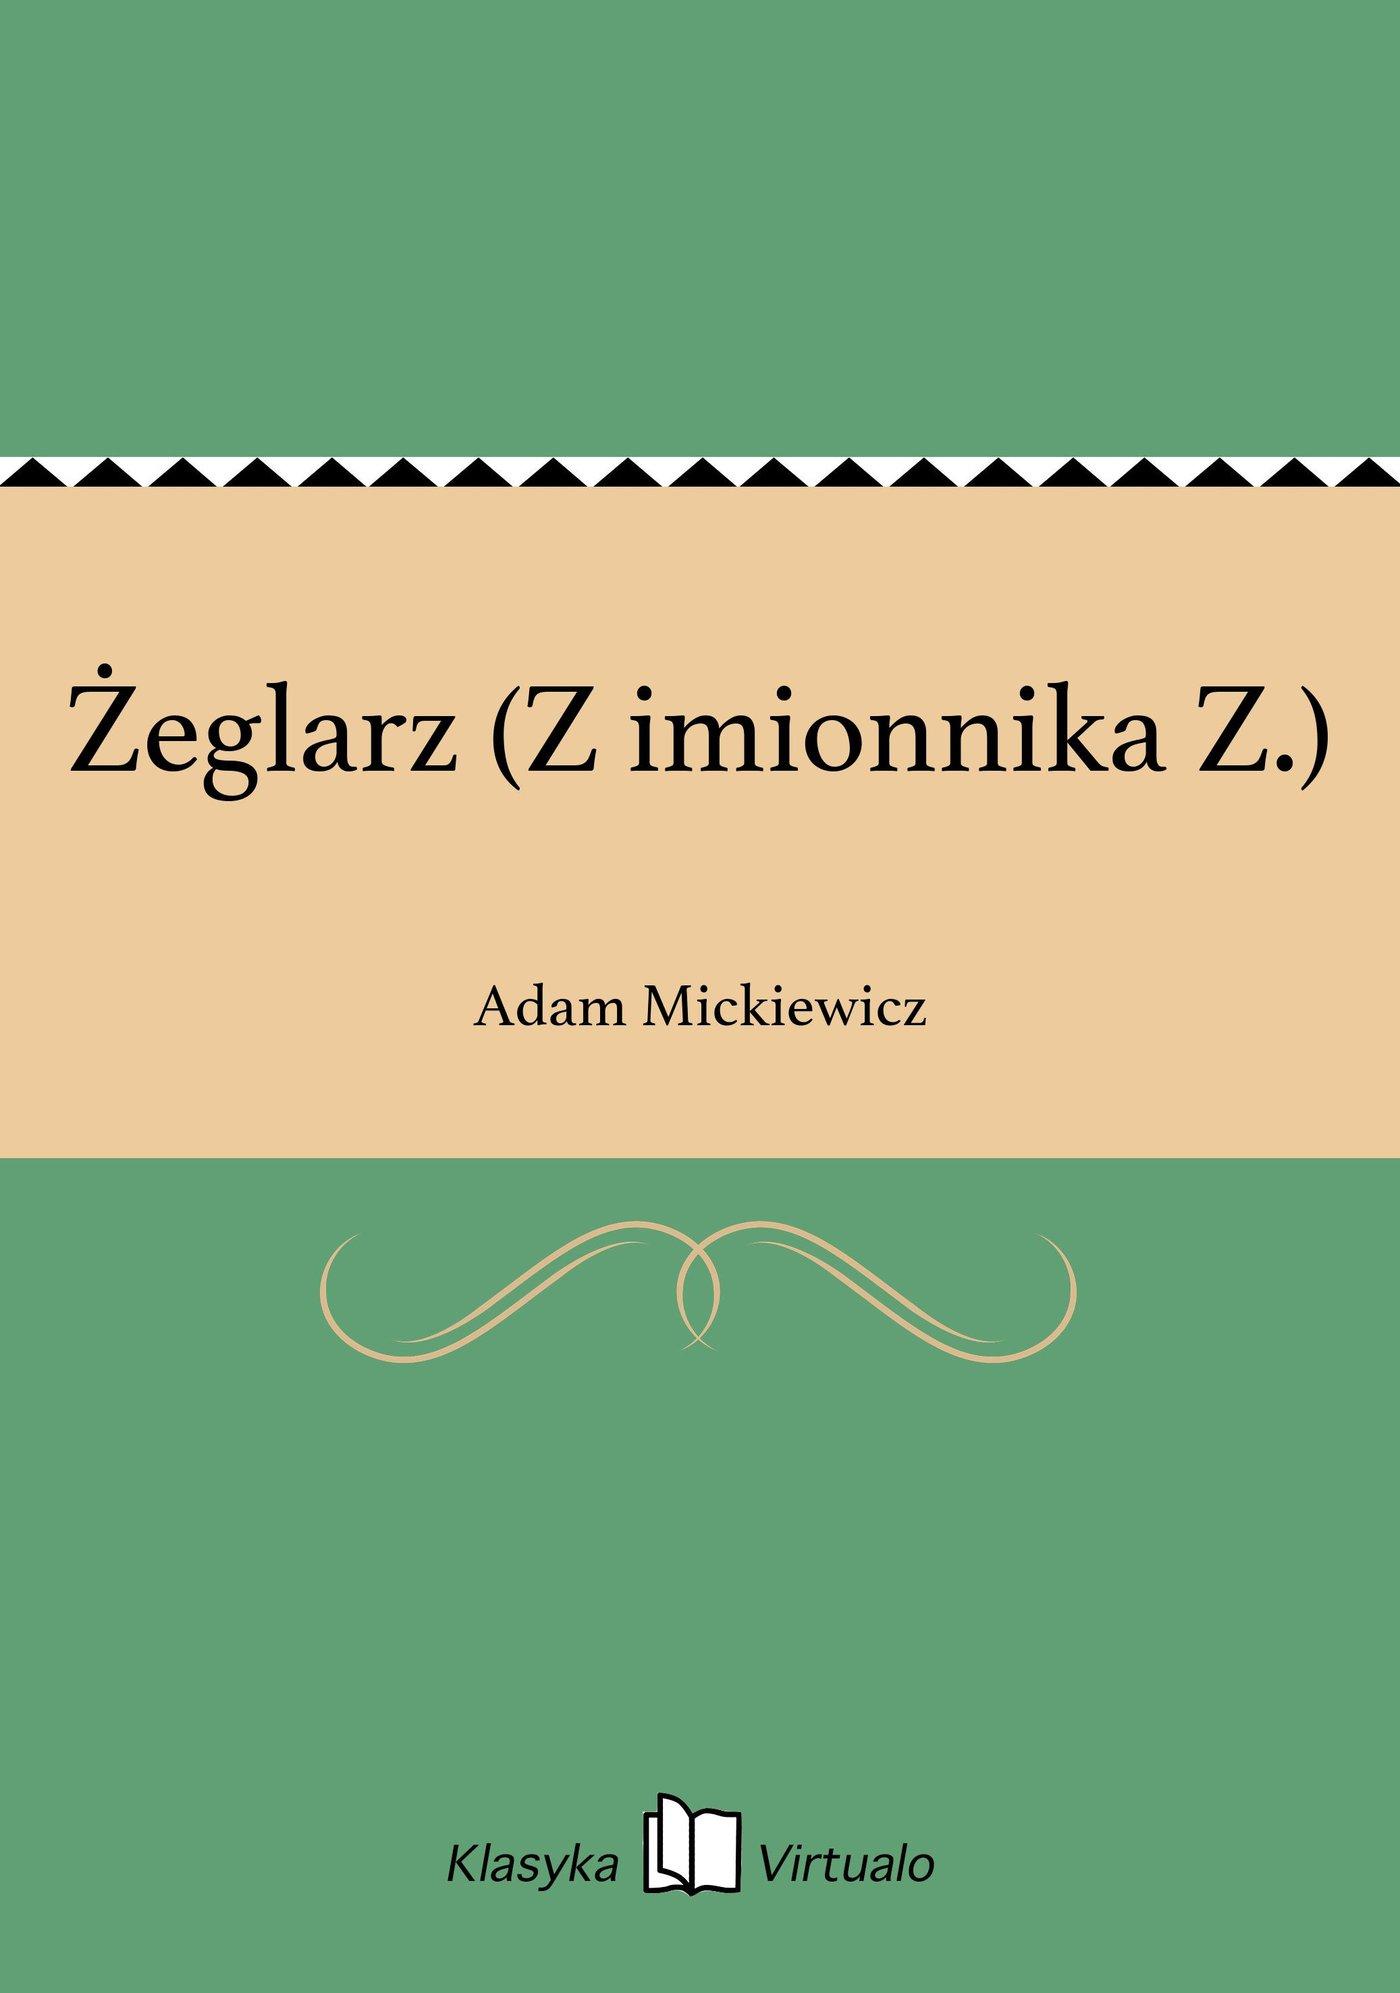 Żeglarz (Z imionnika Z.) - Ebook (Książka EPUB) do pobrania w formacie EPUB